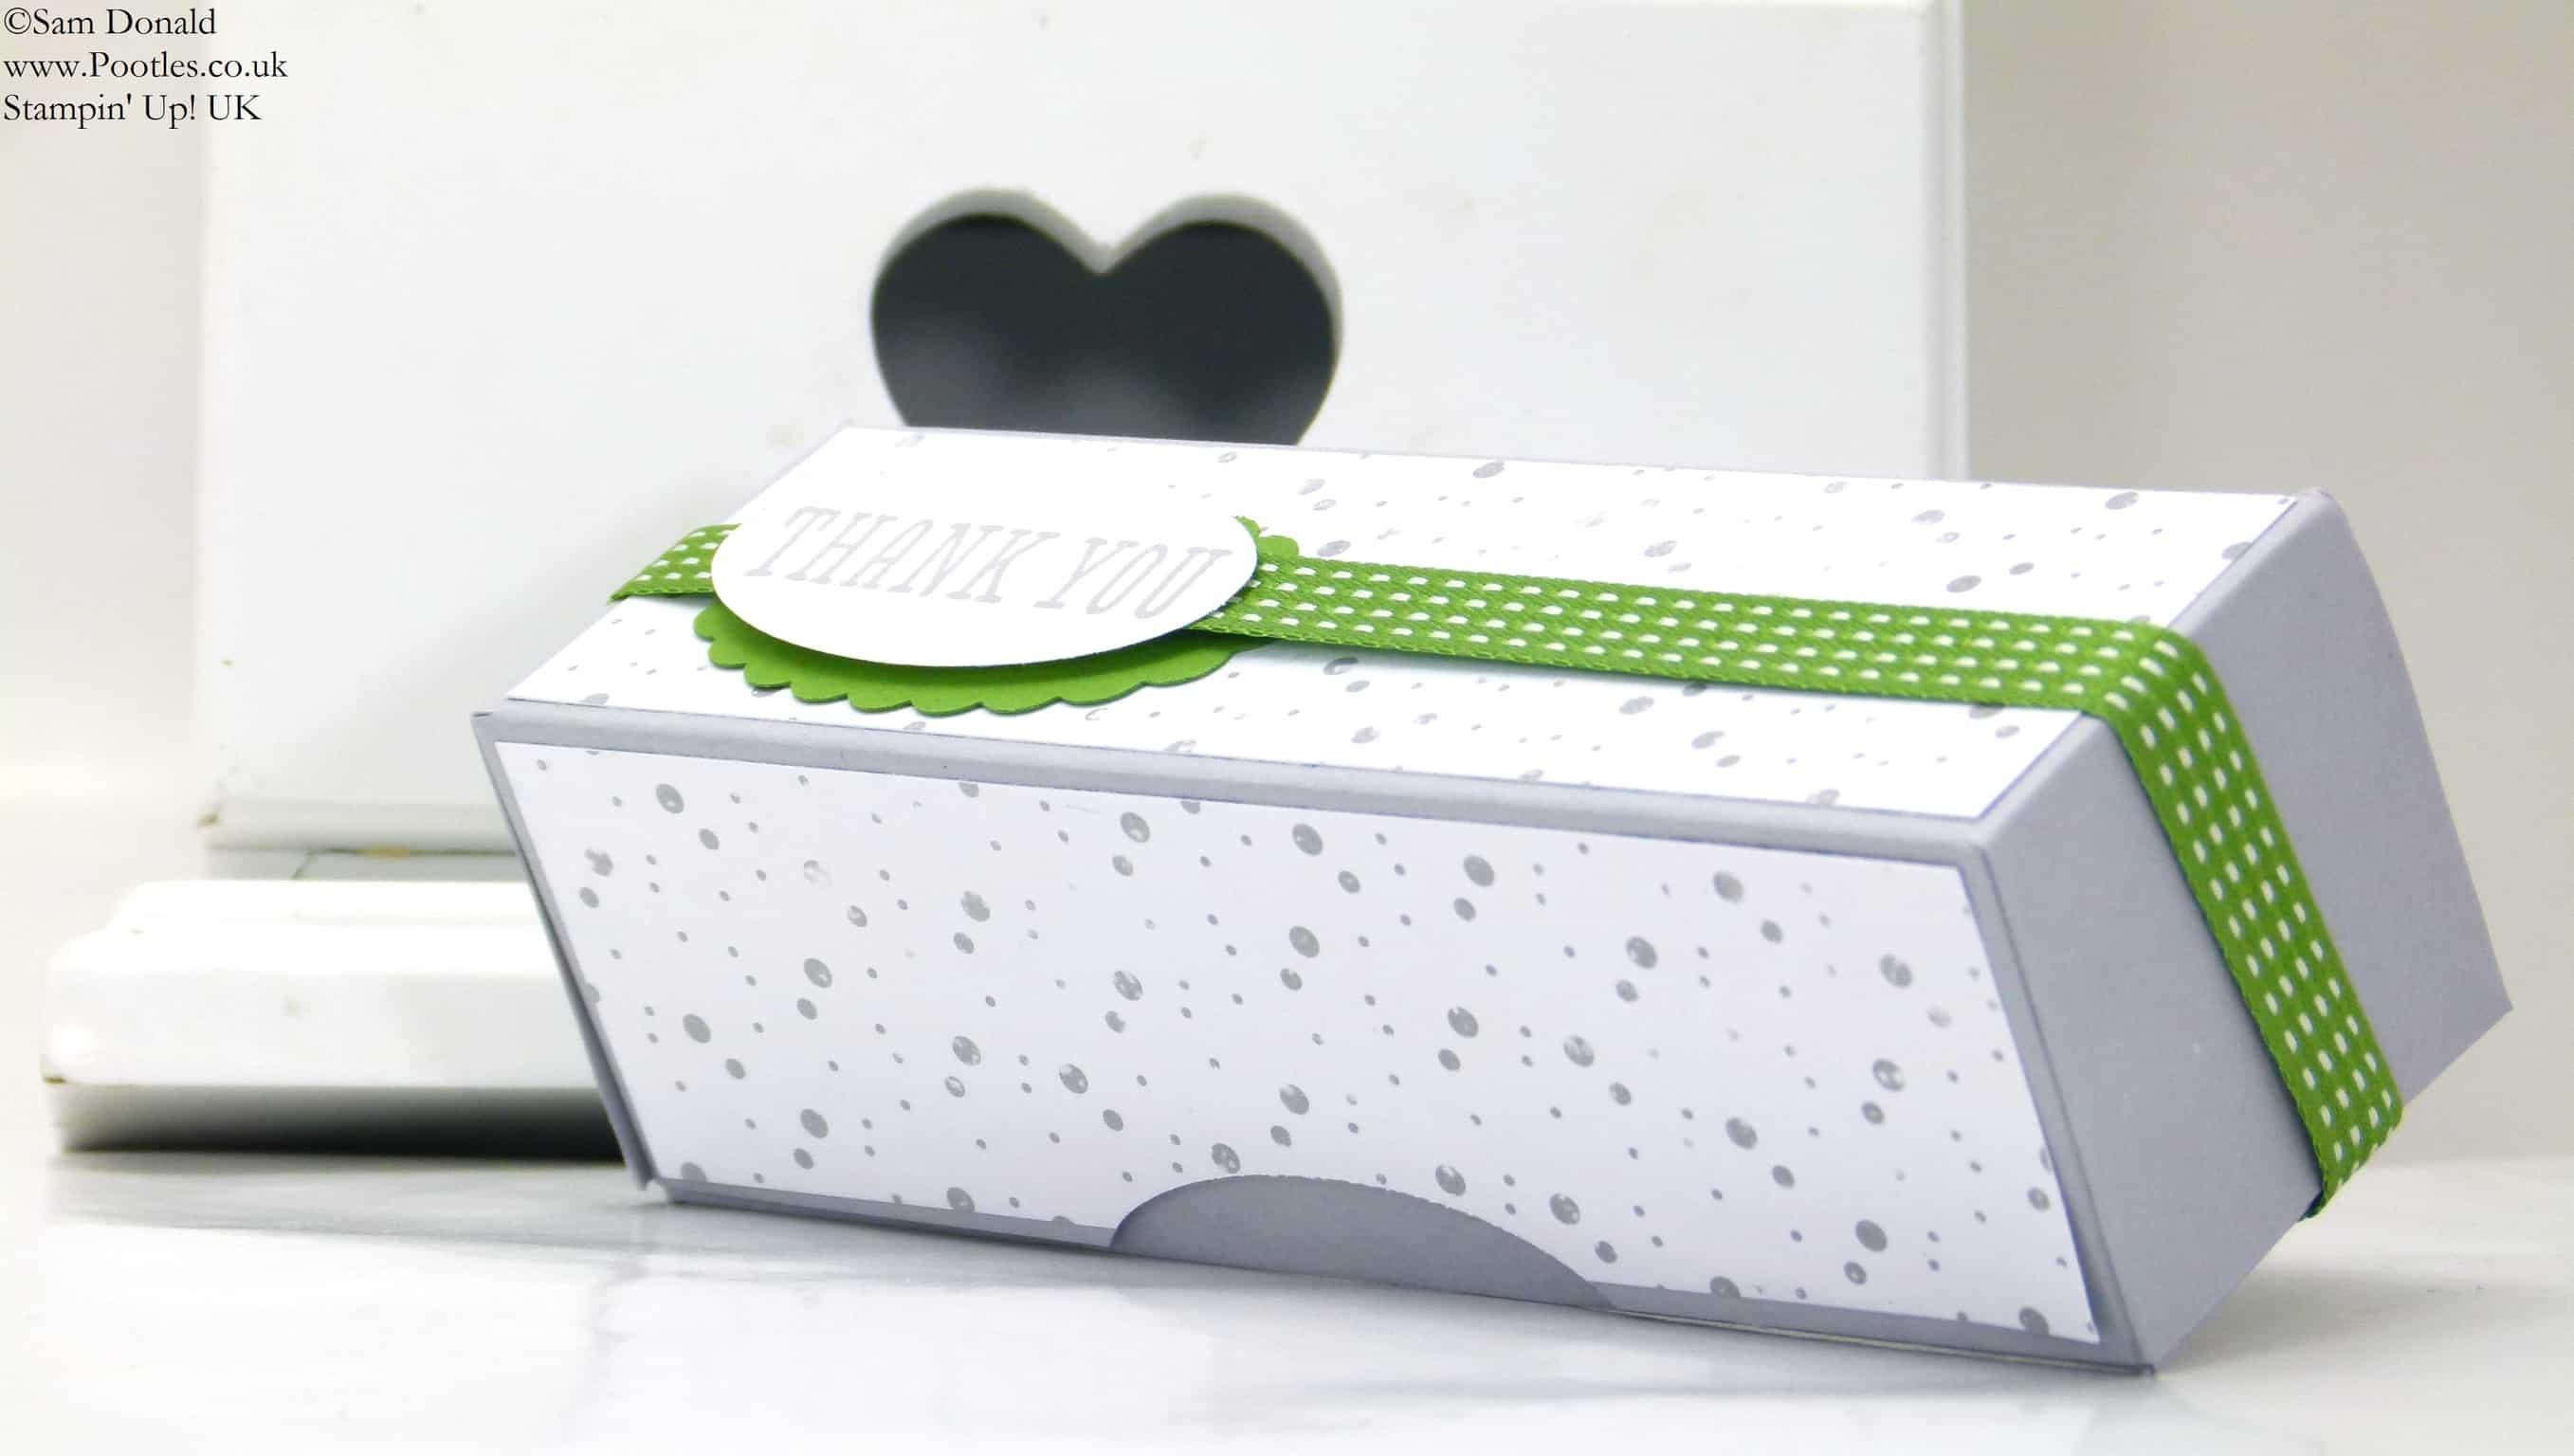 POOTLES Stampin' Up! UK Long Slender Gift Box Tutorial